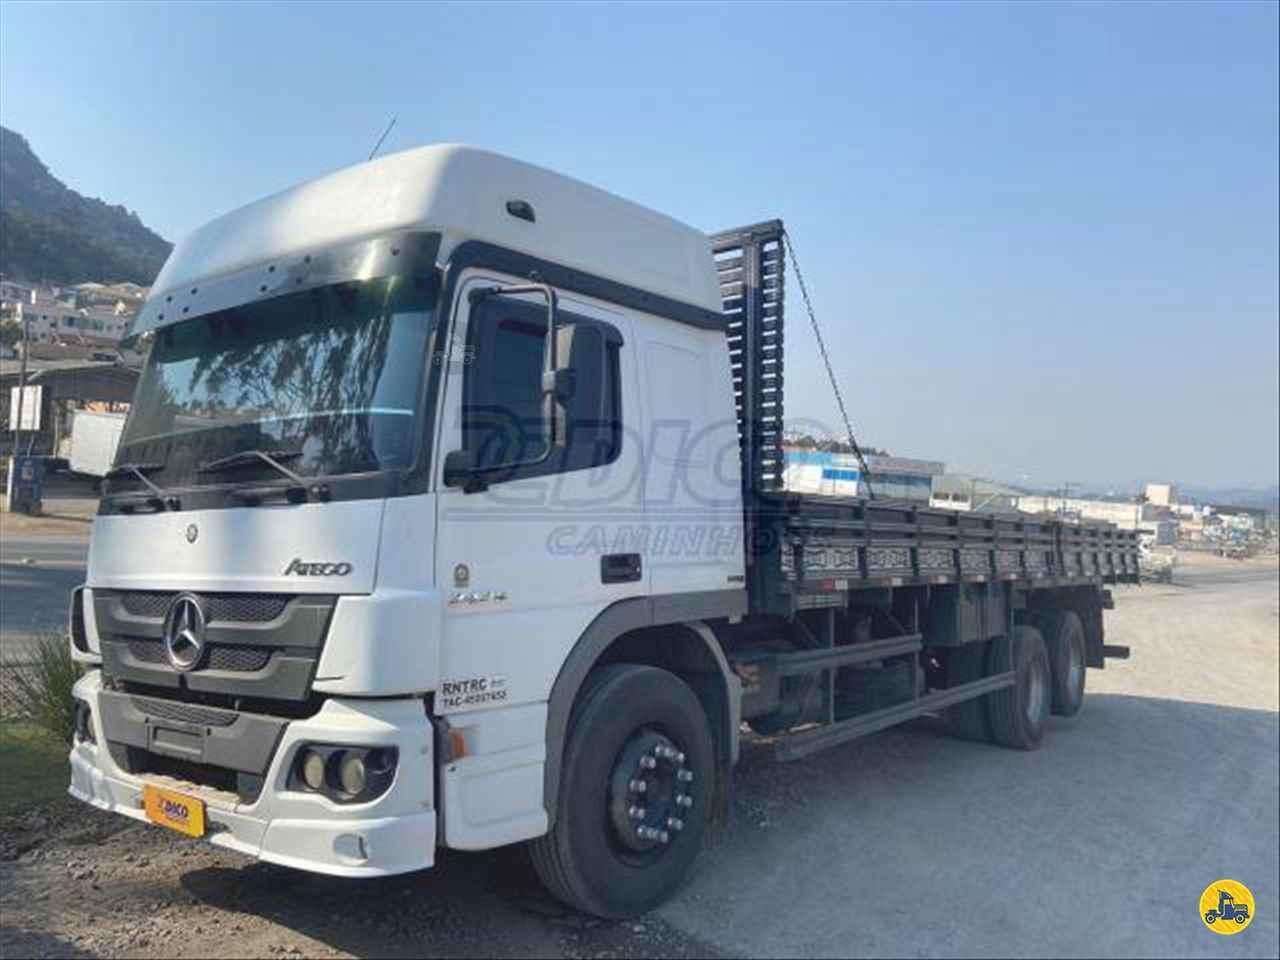 MB 2426 de Dico Caminhões - RIO DO SUL/SC